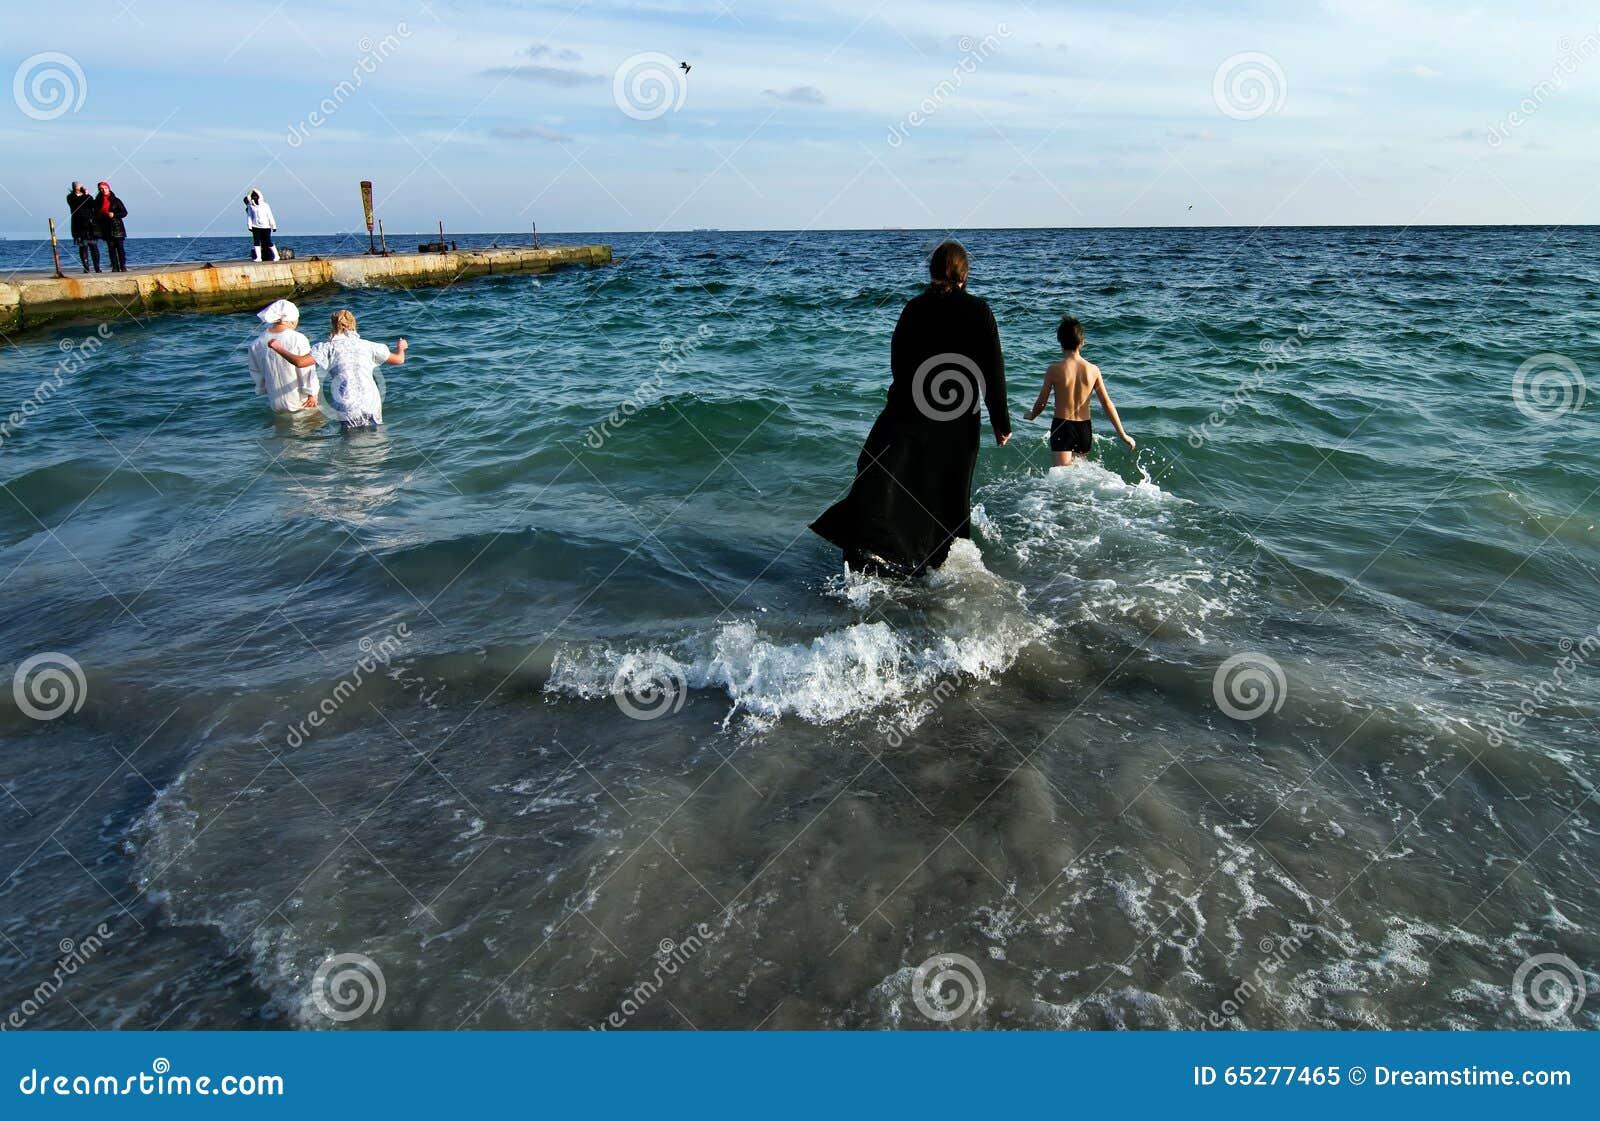 Odessa, Ukraina STYCZEŃ 19, 2012: --: Peopls dopłynięcie w lodzie - zimnej wody Czarny morze podczas objawienia pańskiego (Święty